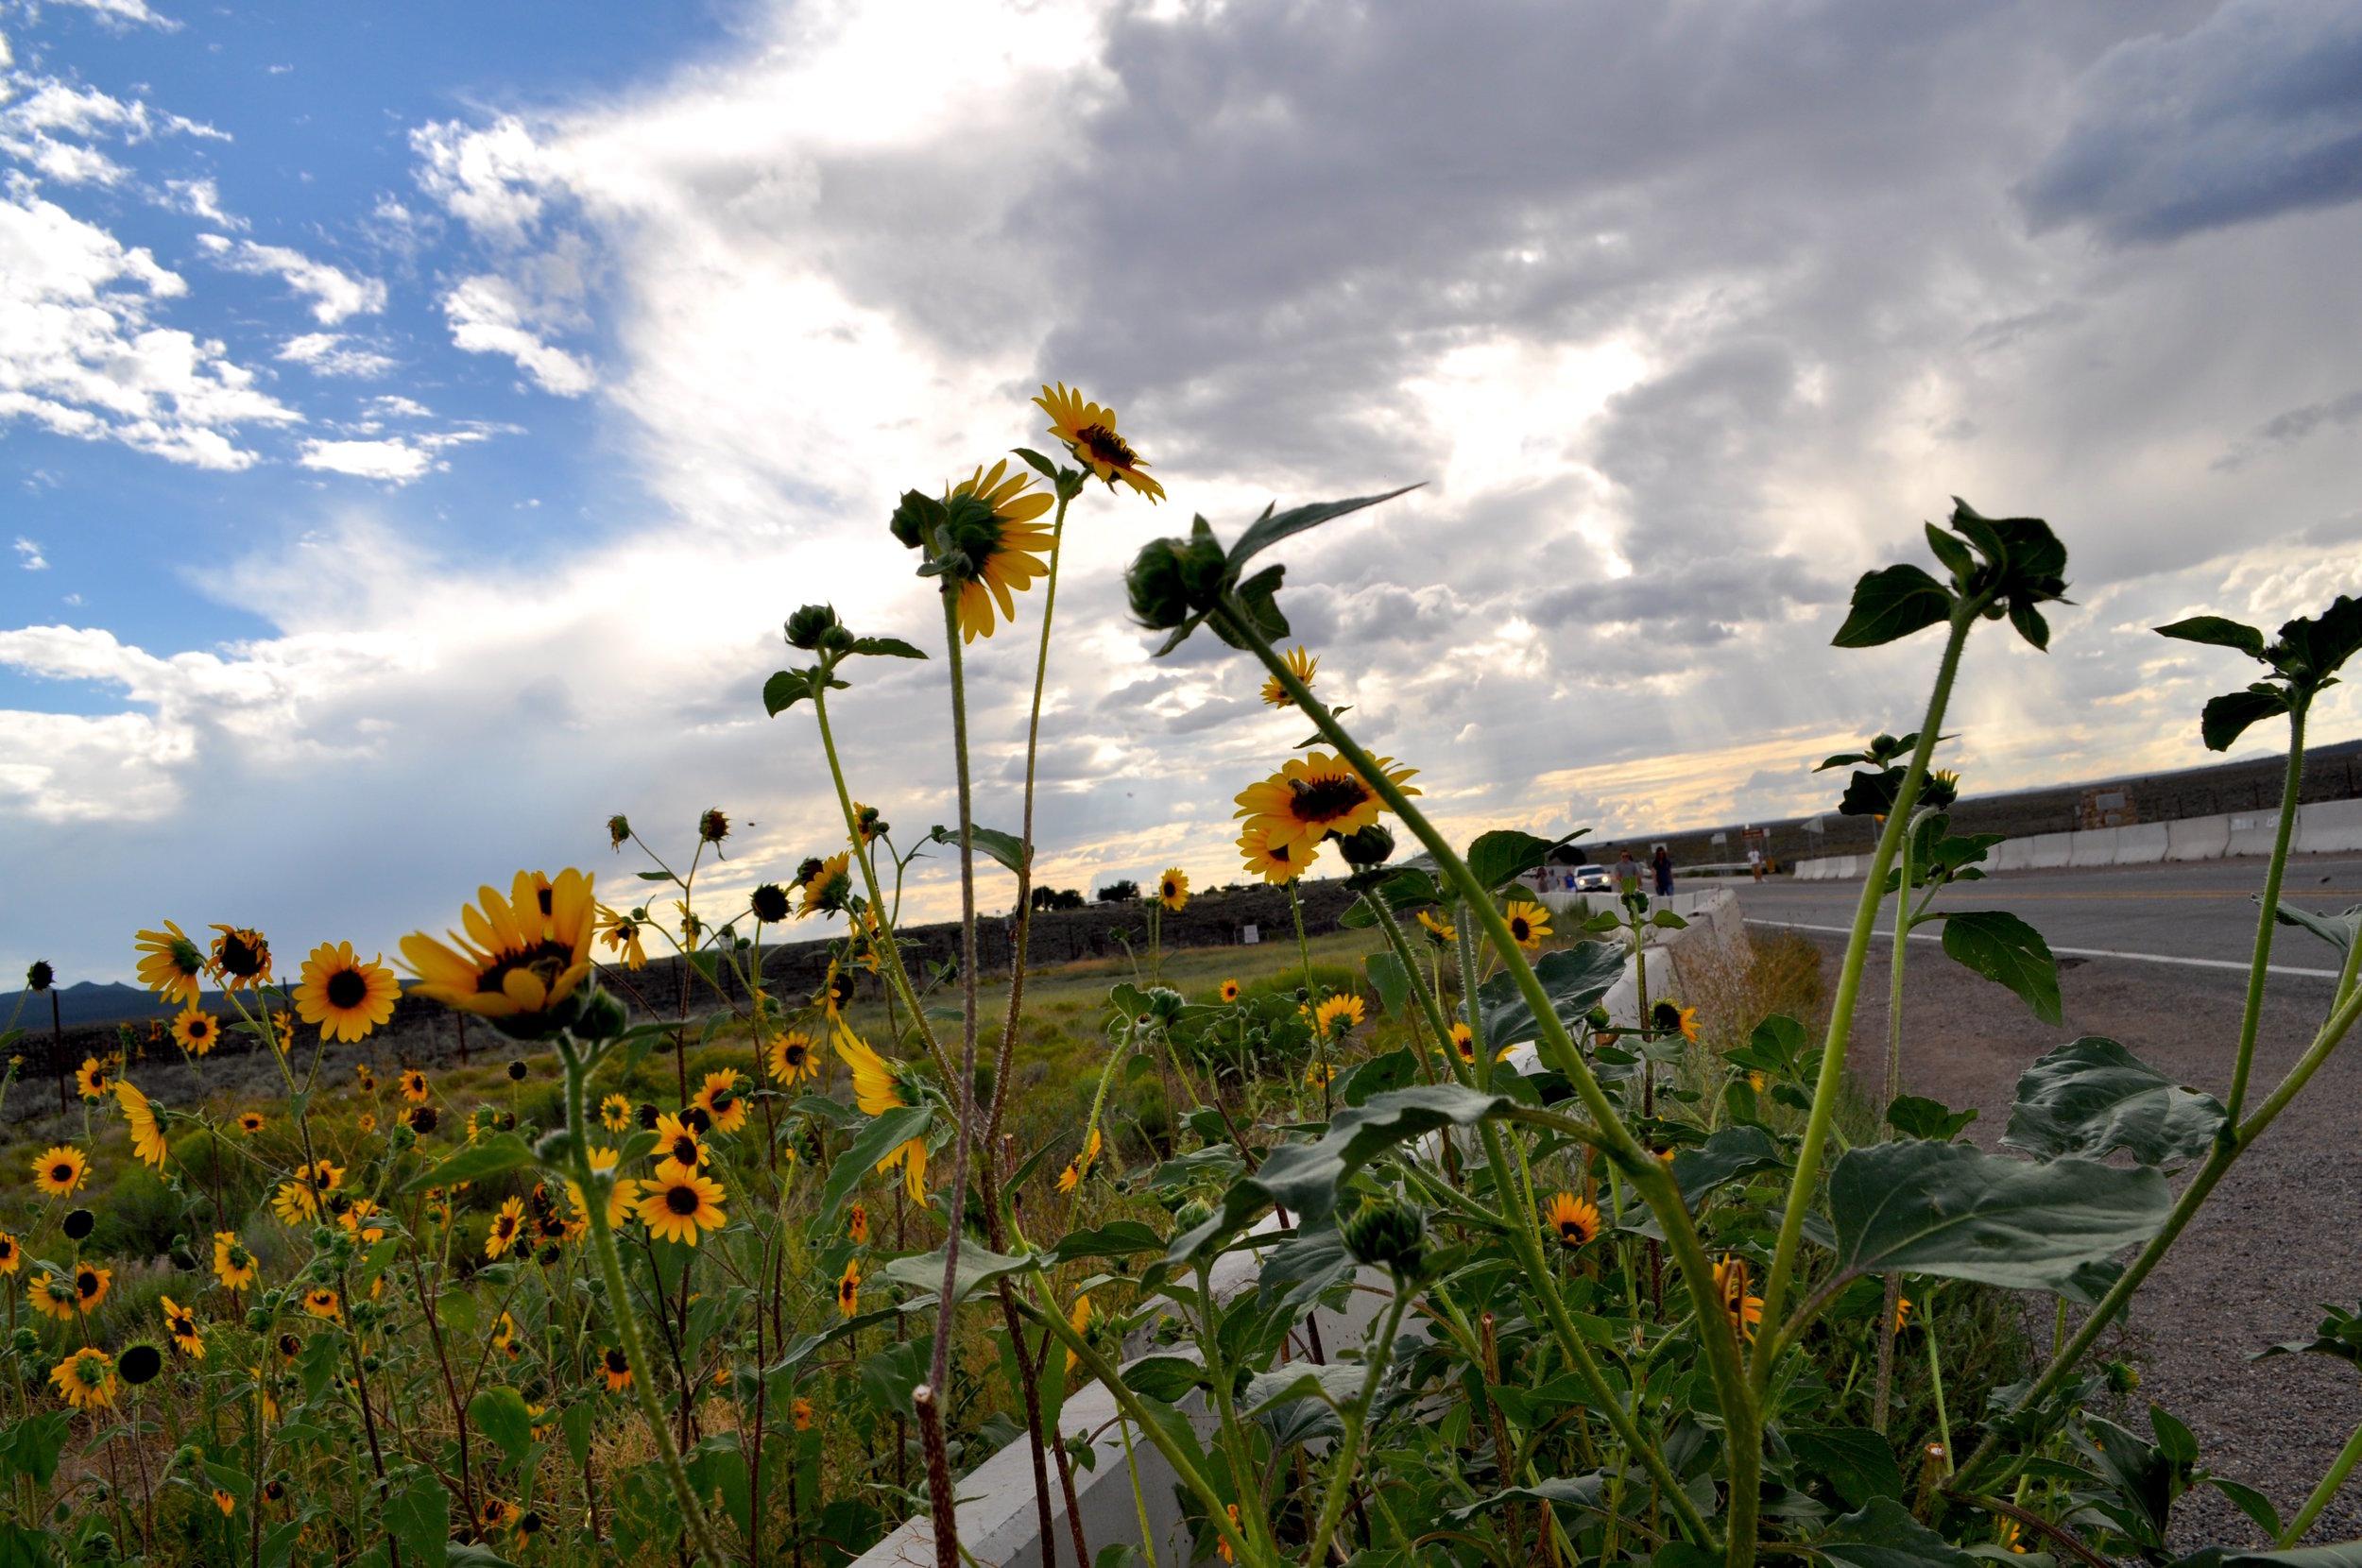 Sunflowers in NM_Shannon Black.jpg